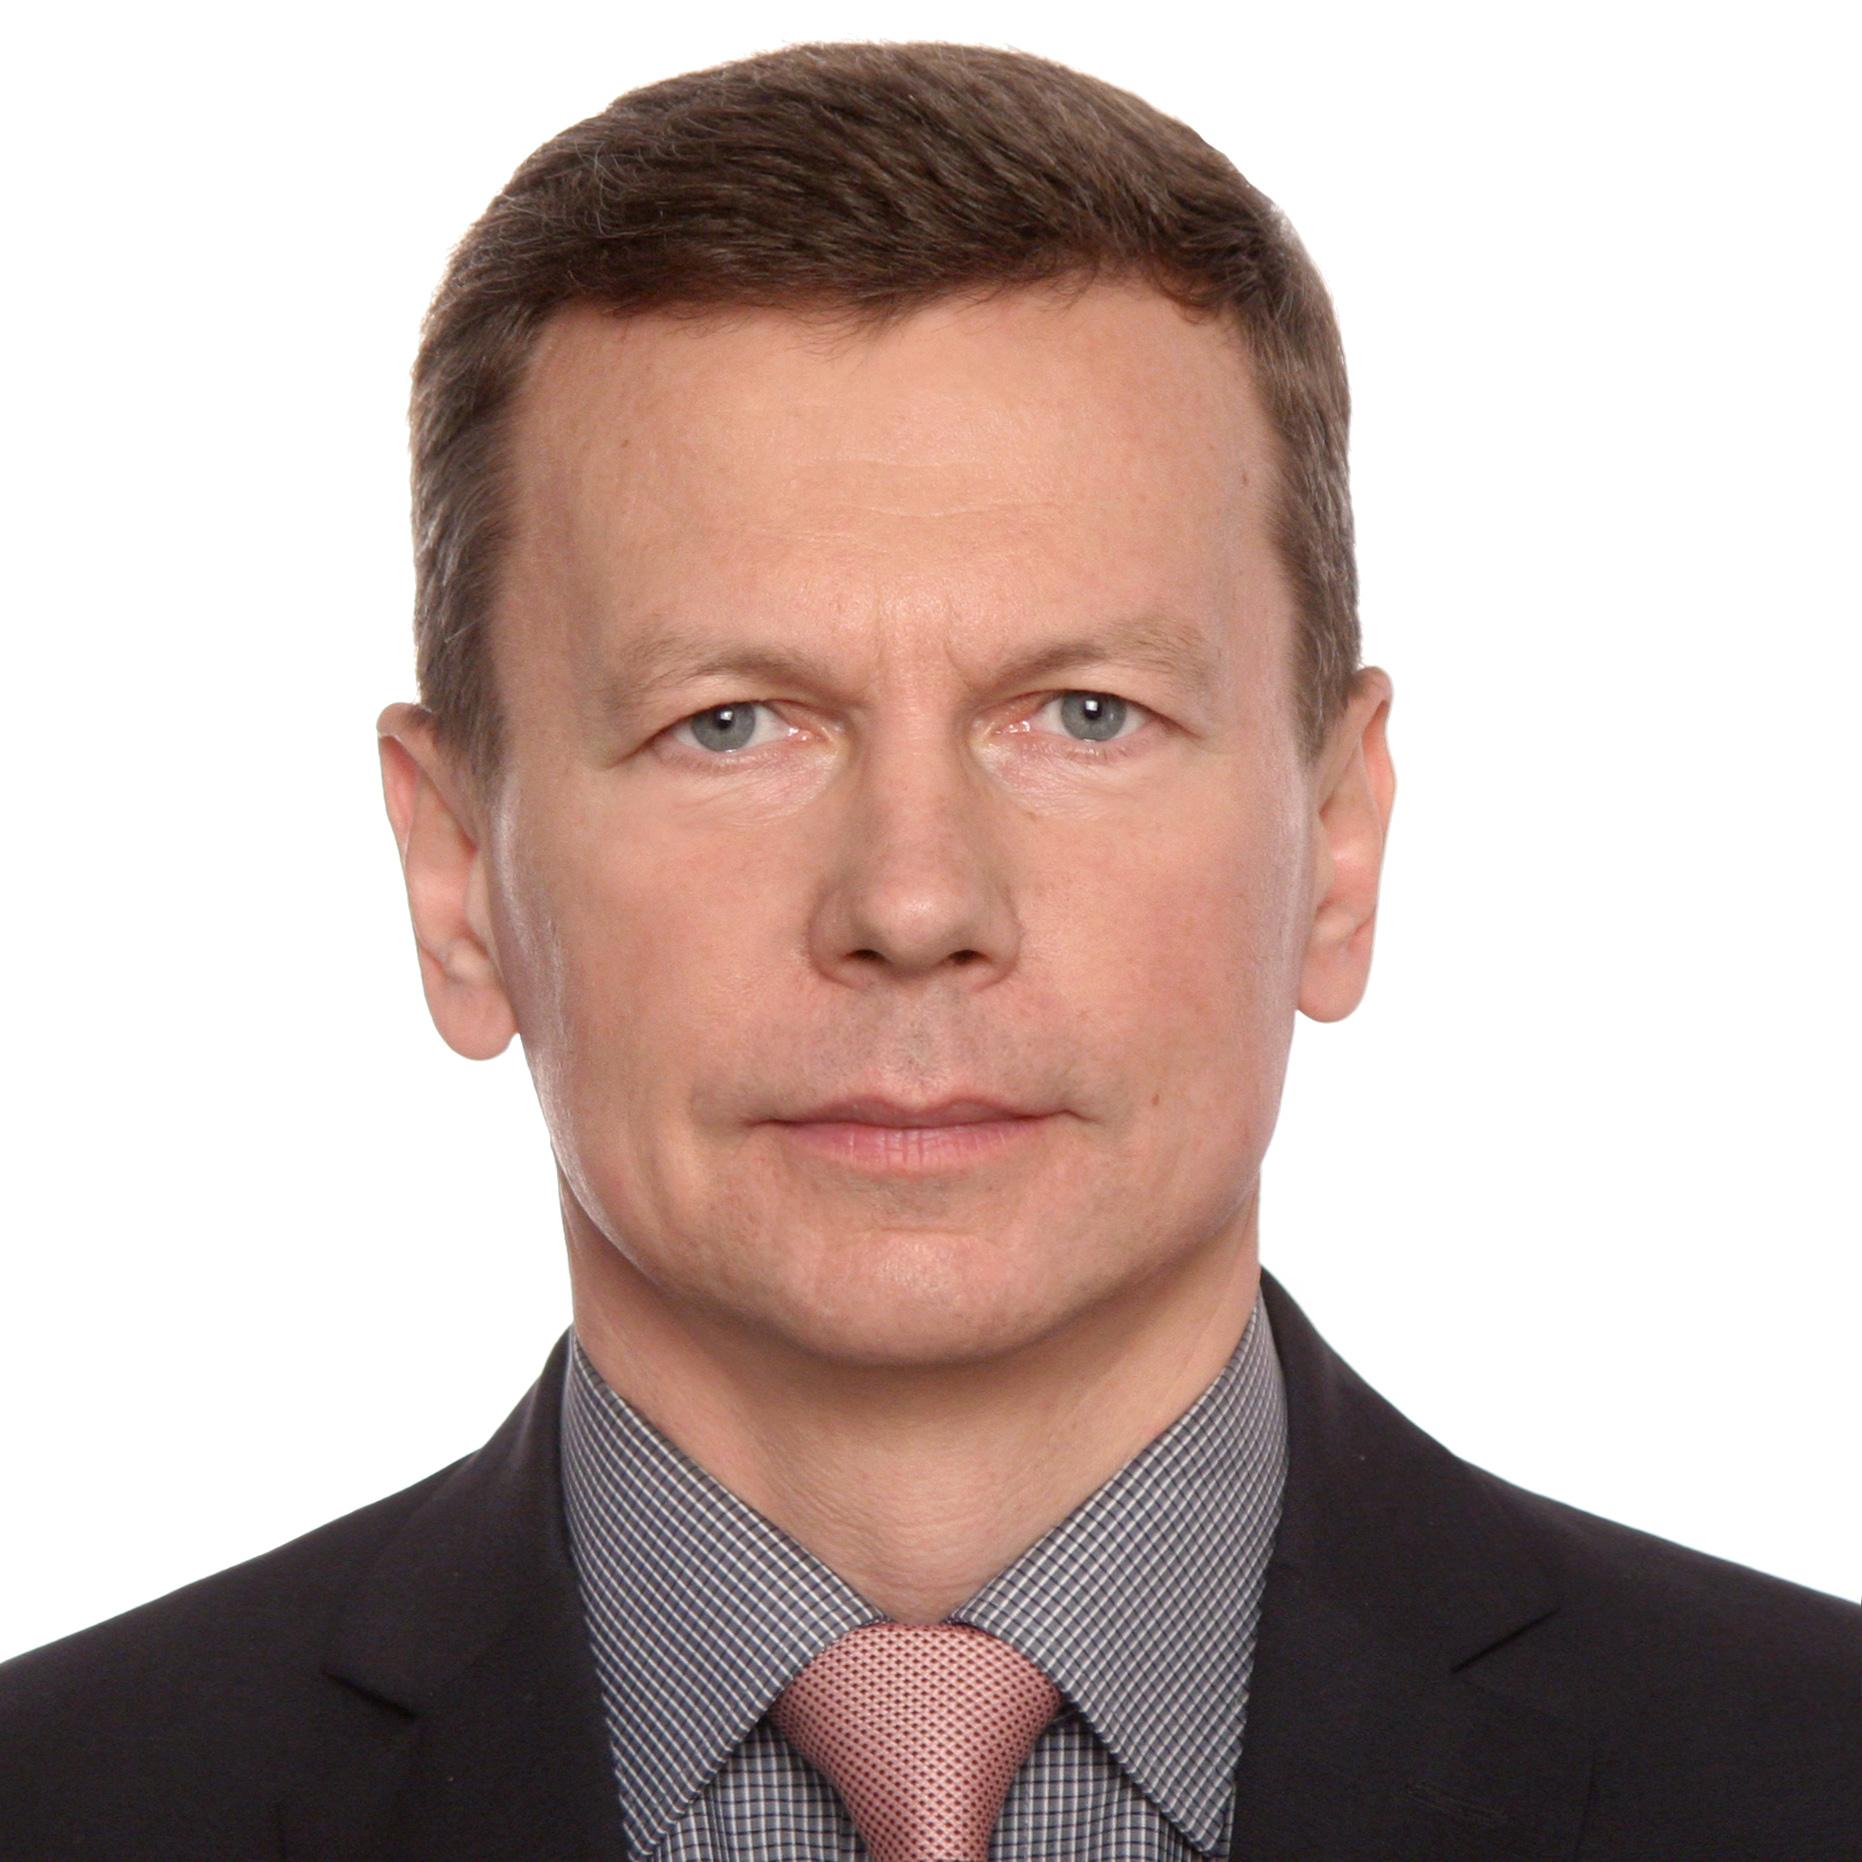 https://mlbms6crywsv.i.optimole.com/AUvtSs4-oG2SwxZk/w:auto/h:auto/q:auto/https://bhargavaphytolab.com/wp-content/uploads/2021/09/Viktor-Zholudenkoo-3.jpg